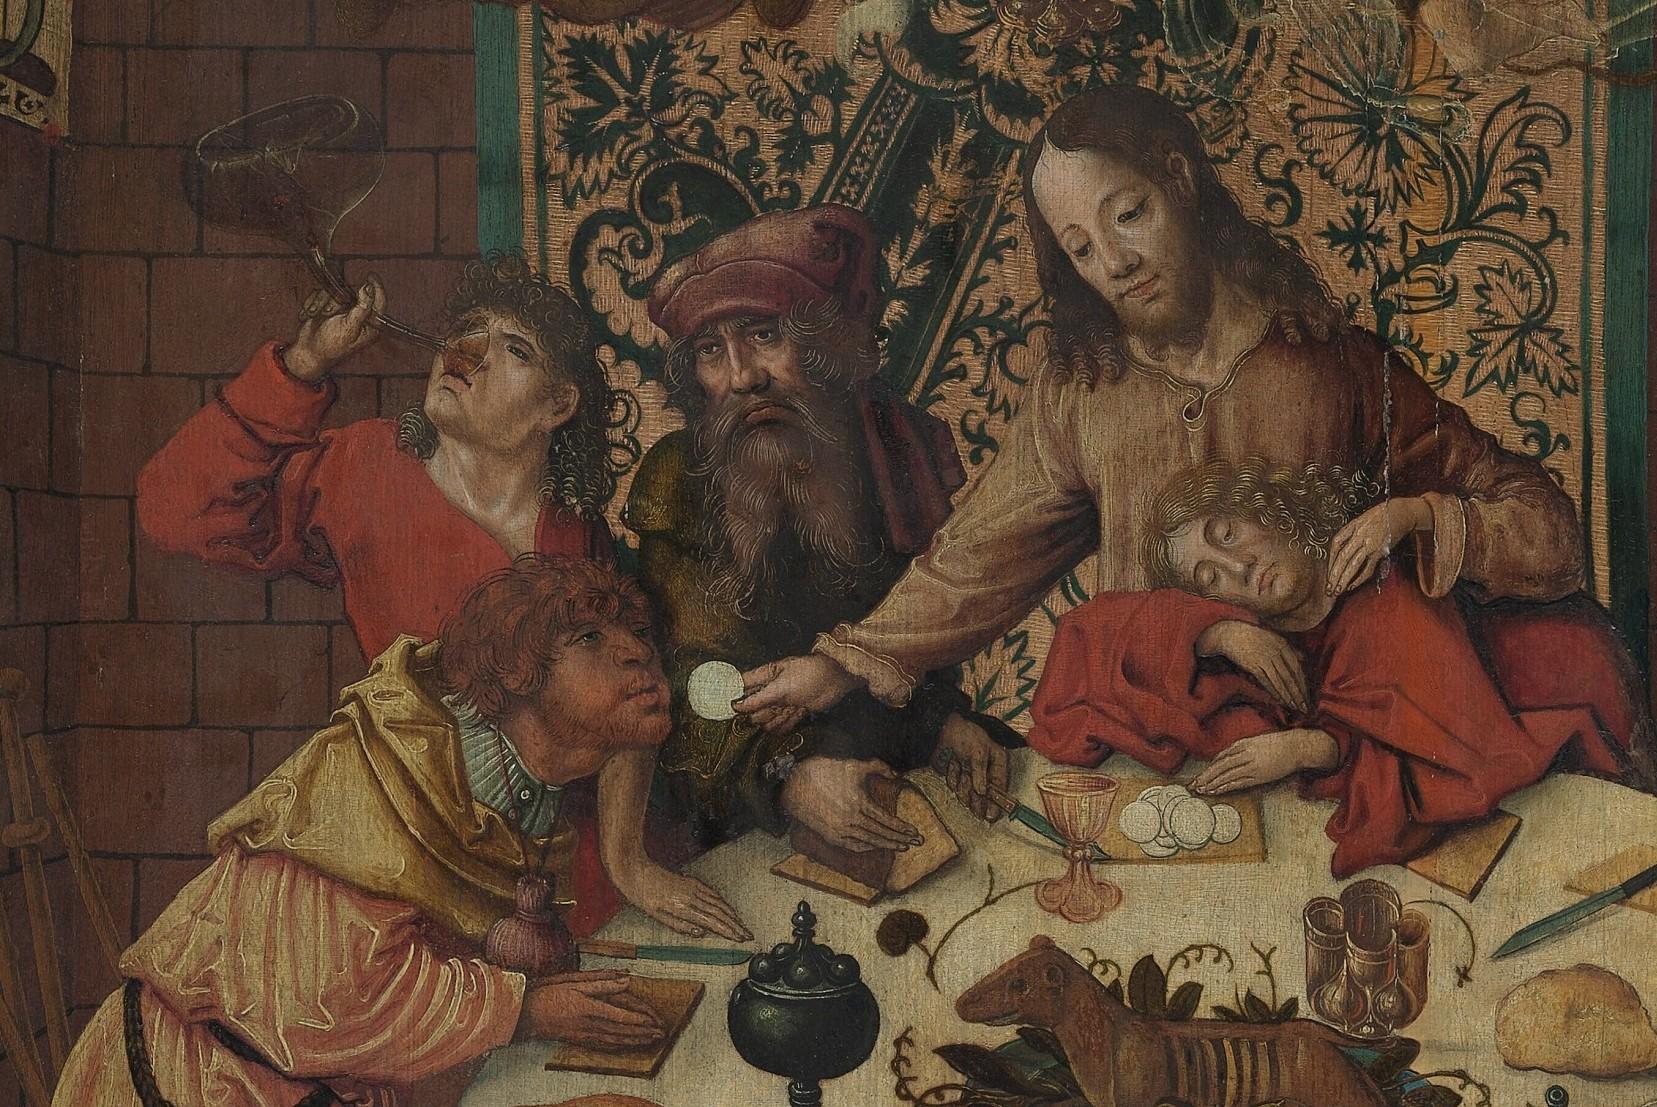 Ratgeb, Jorg_Last Supper (detail)